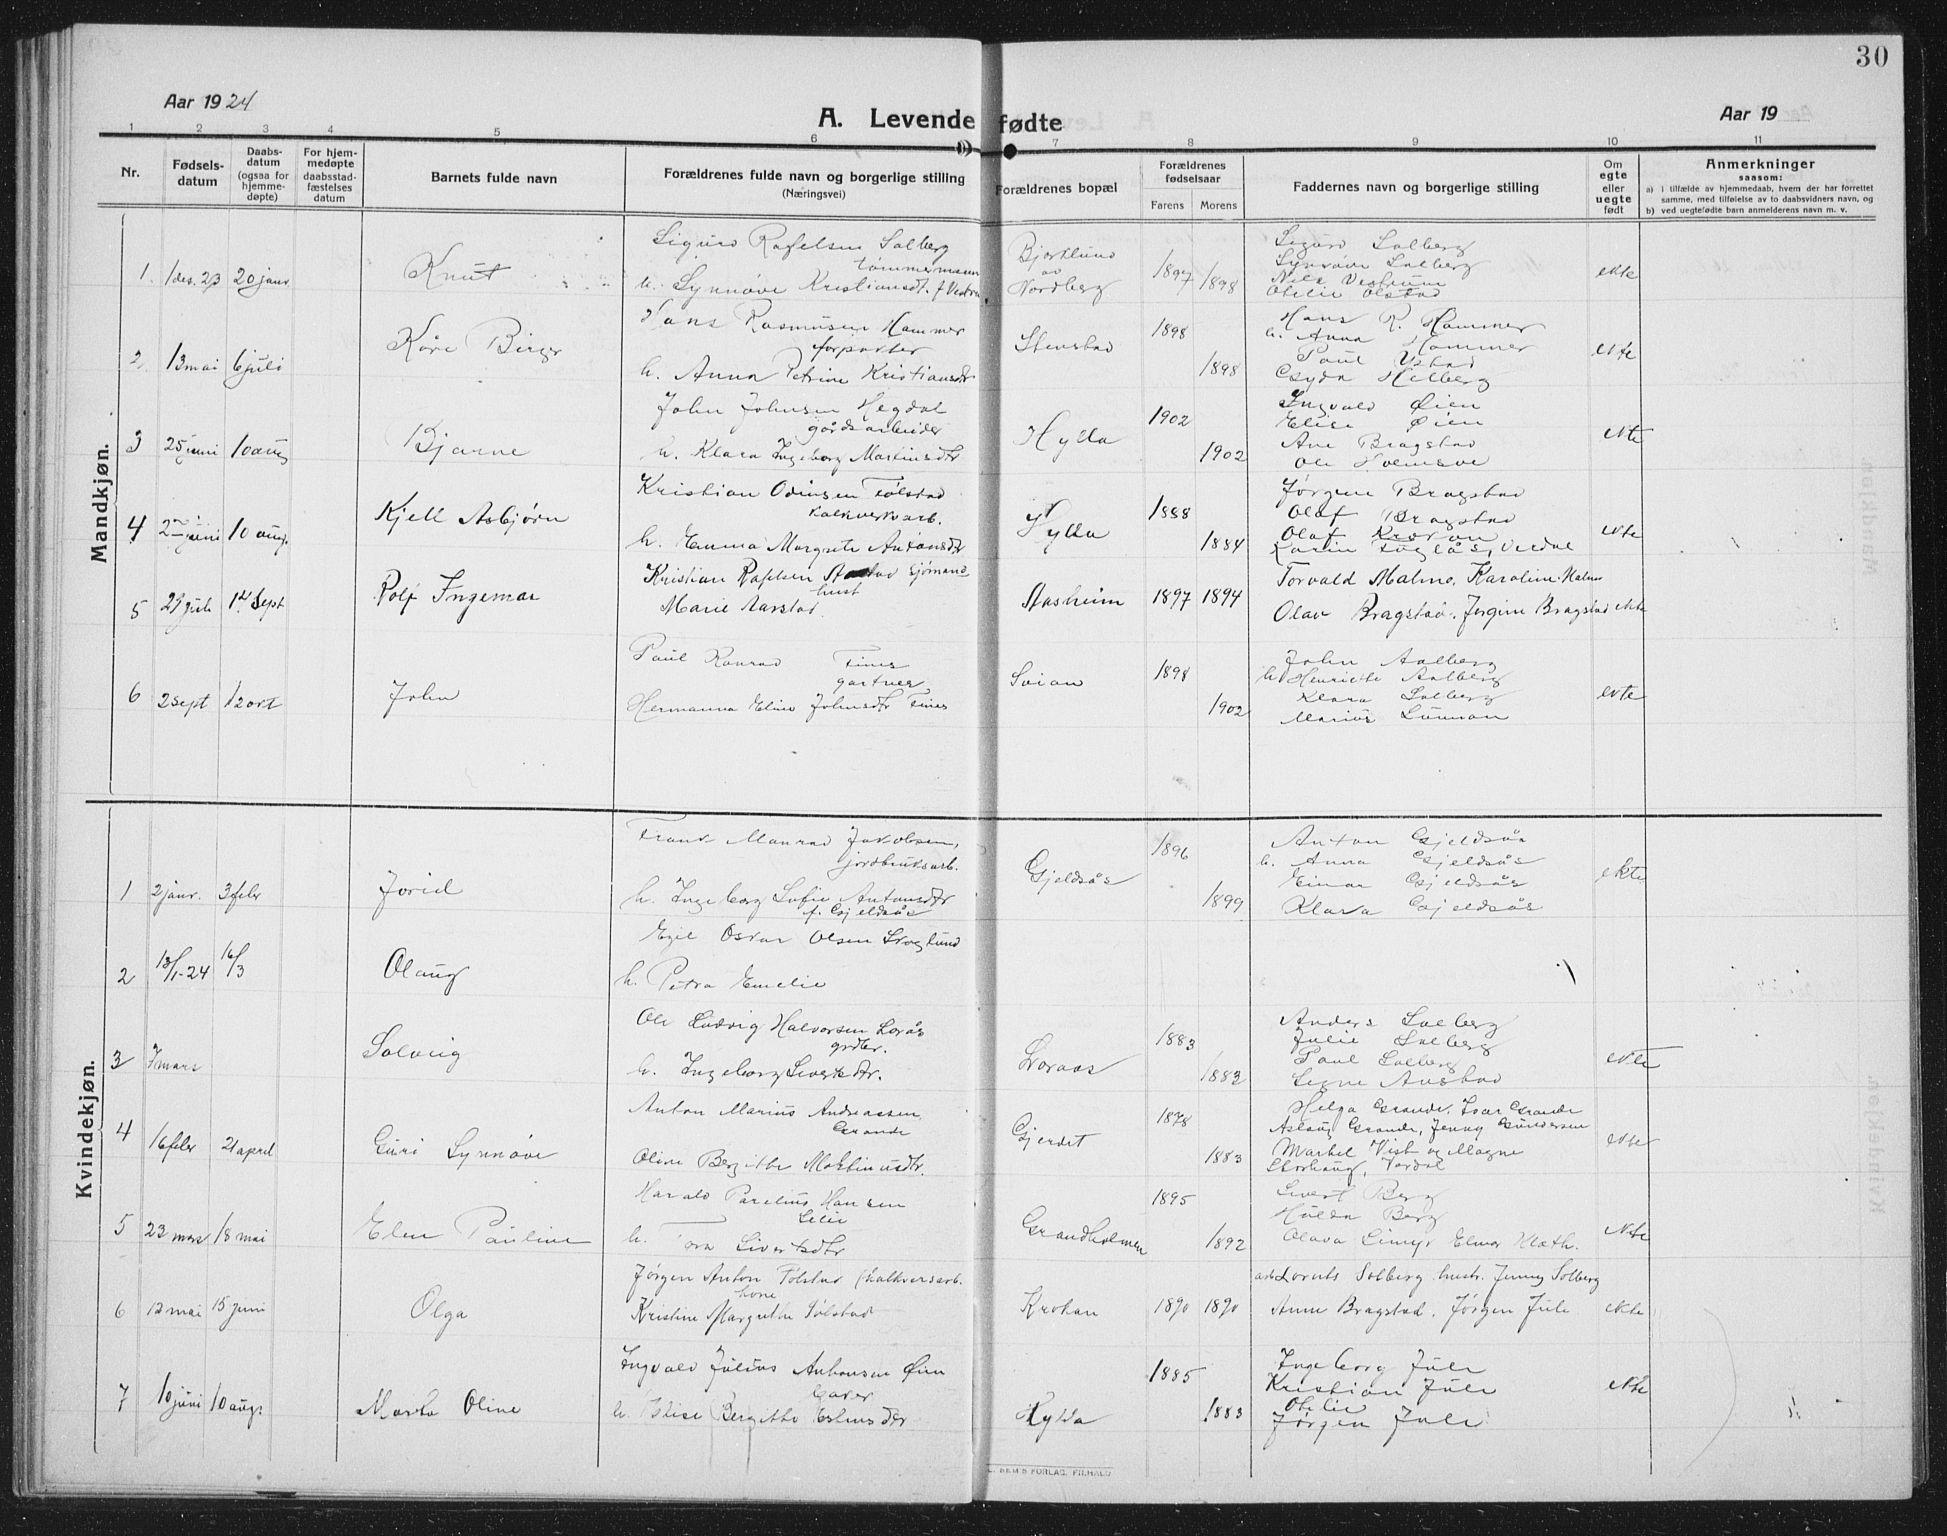 SAT, Ministerialprotokoller, klokkerbøker og fødselsregistre - Nord-Trøndelag, 731/L0312: Klokkerbok nr. 731C03, 1911-1935, s. 30